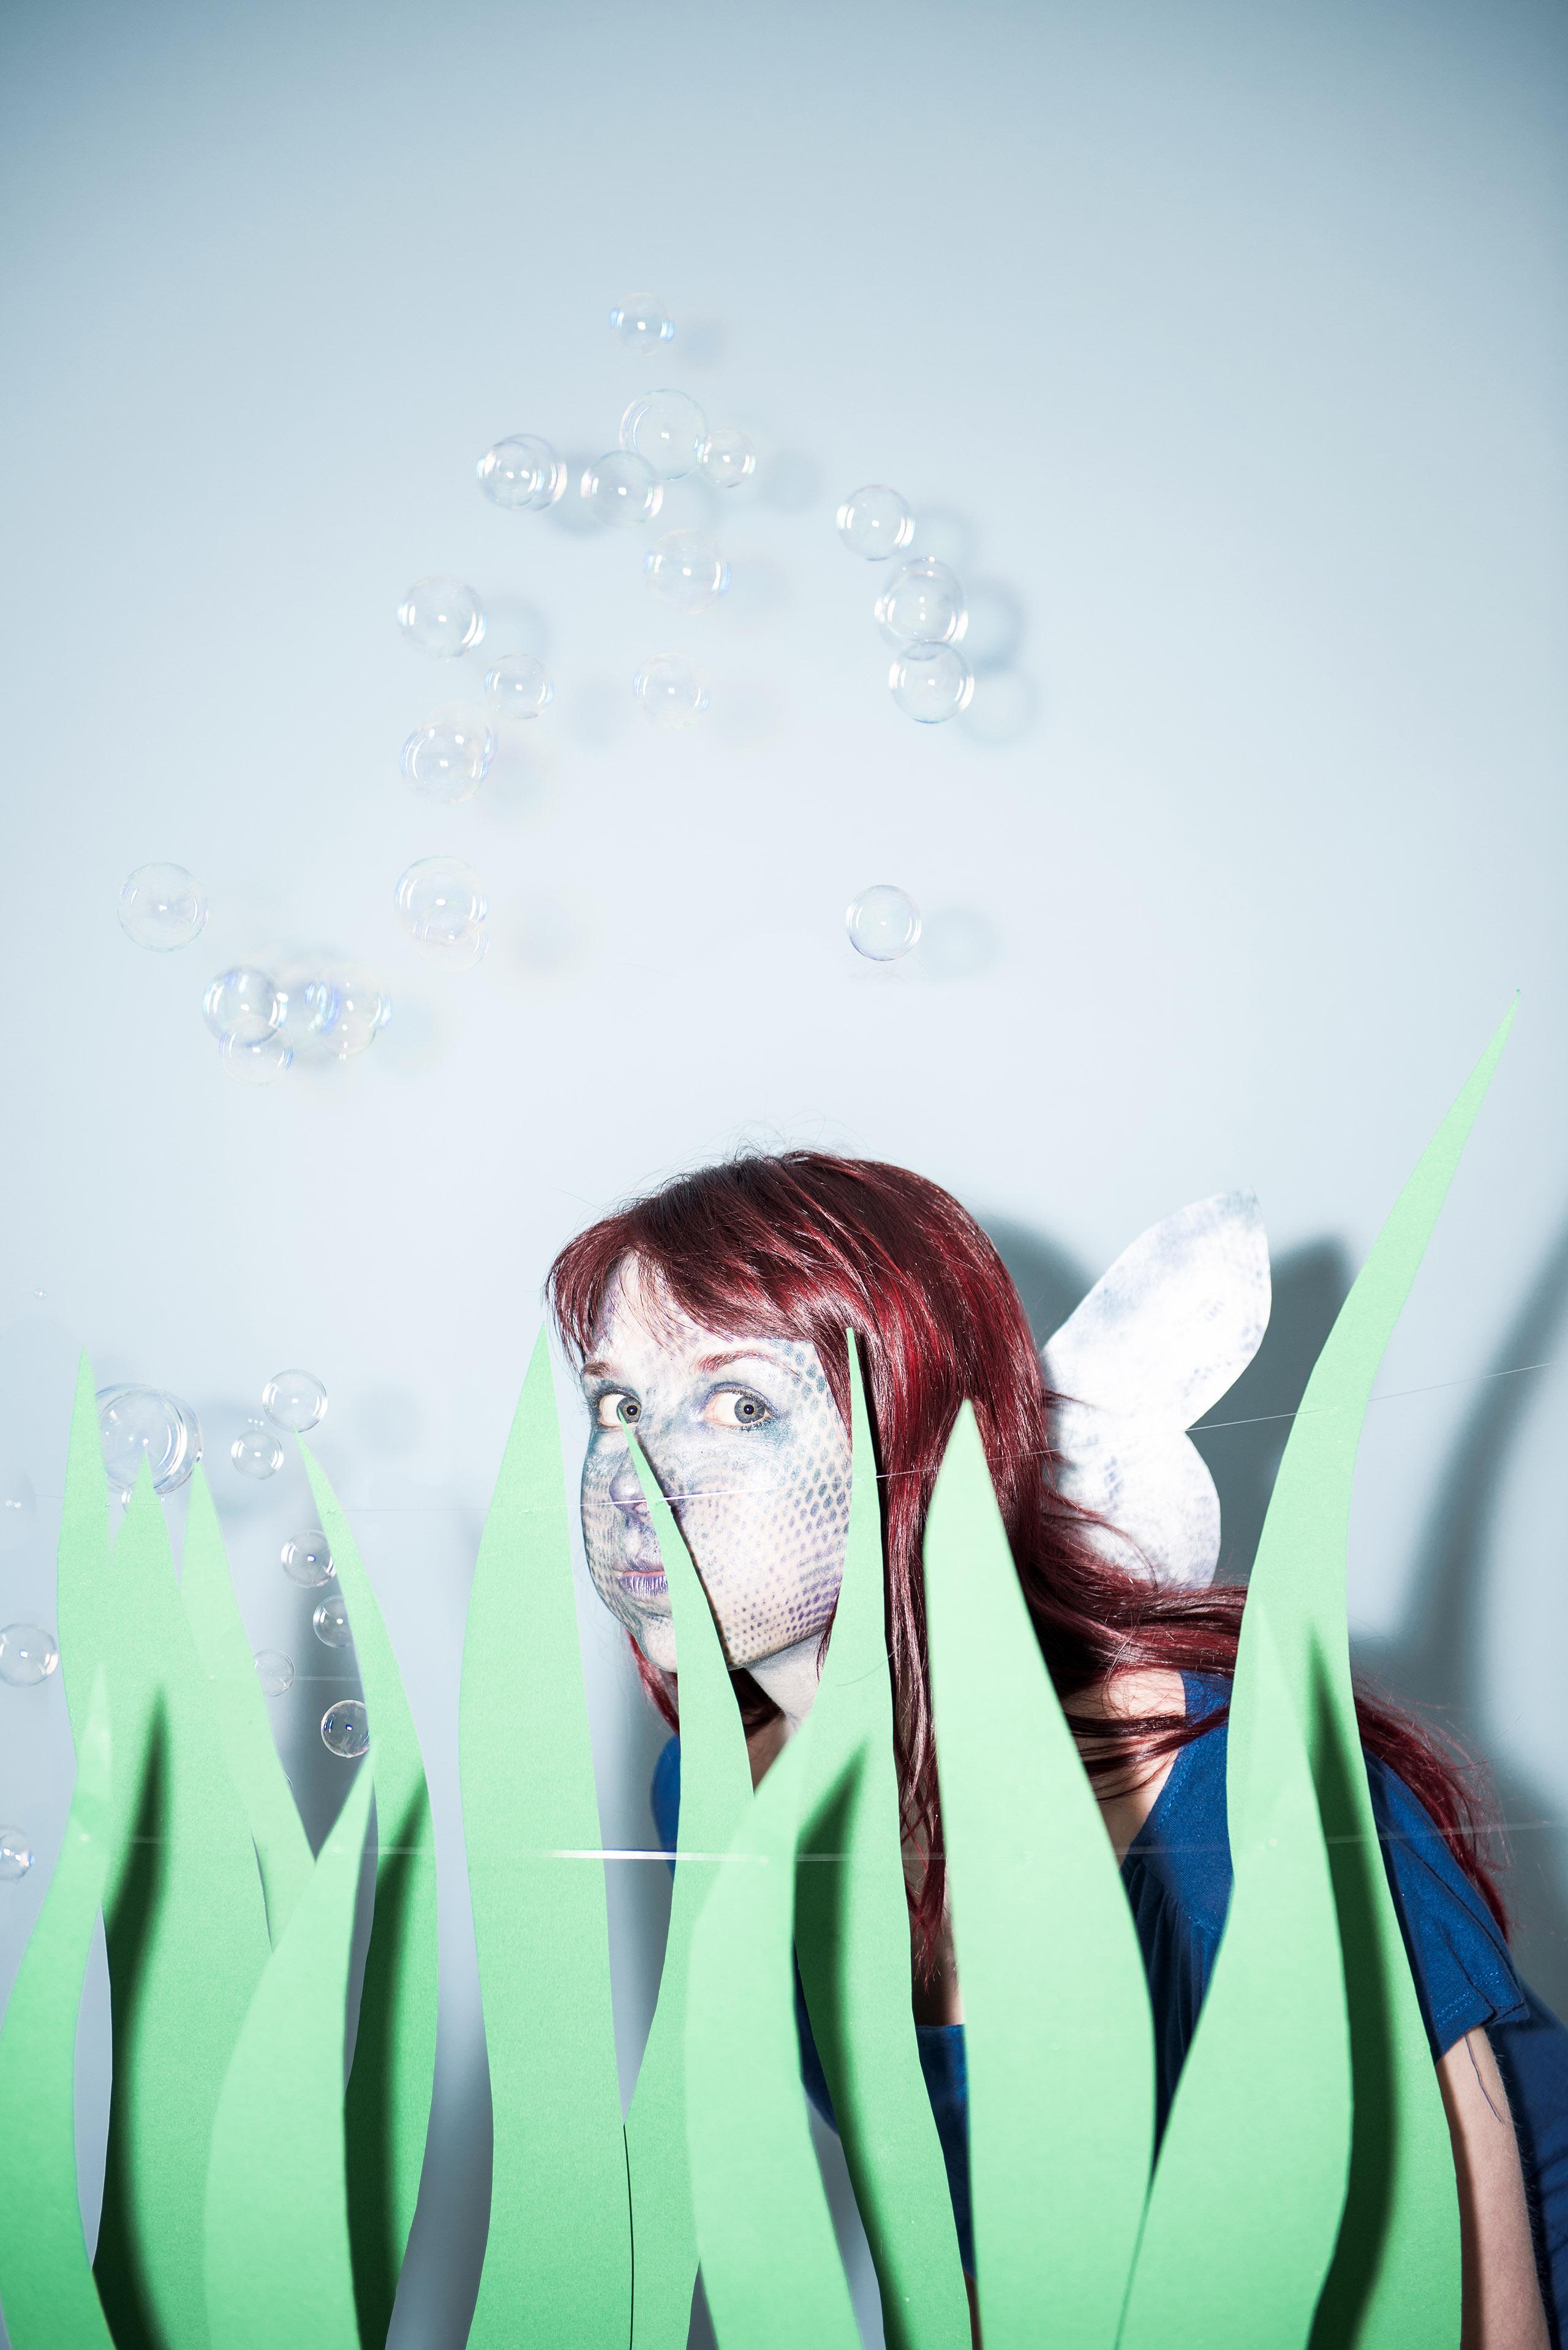 Melanie Brandel, Grafikdesign Bern, Solothurn, Bildkonzept für die Schule für Gestaltung Bern Biel, Workshop, Bildungsangebot, Art Direction, Schulprojekt, Fotografie